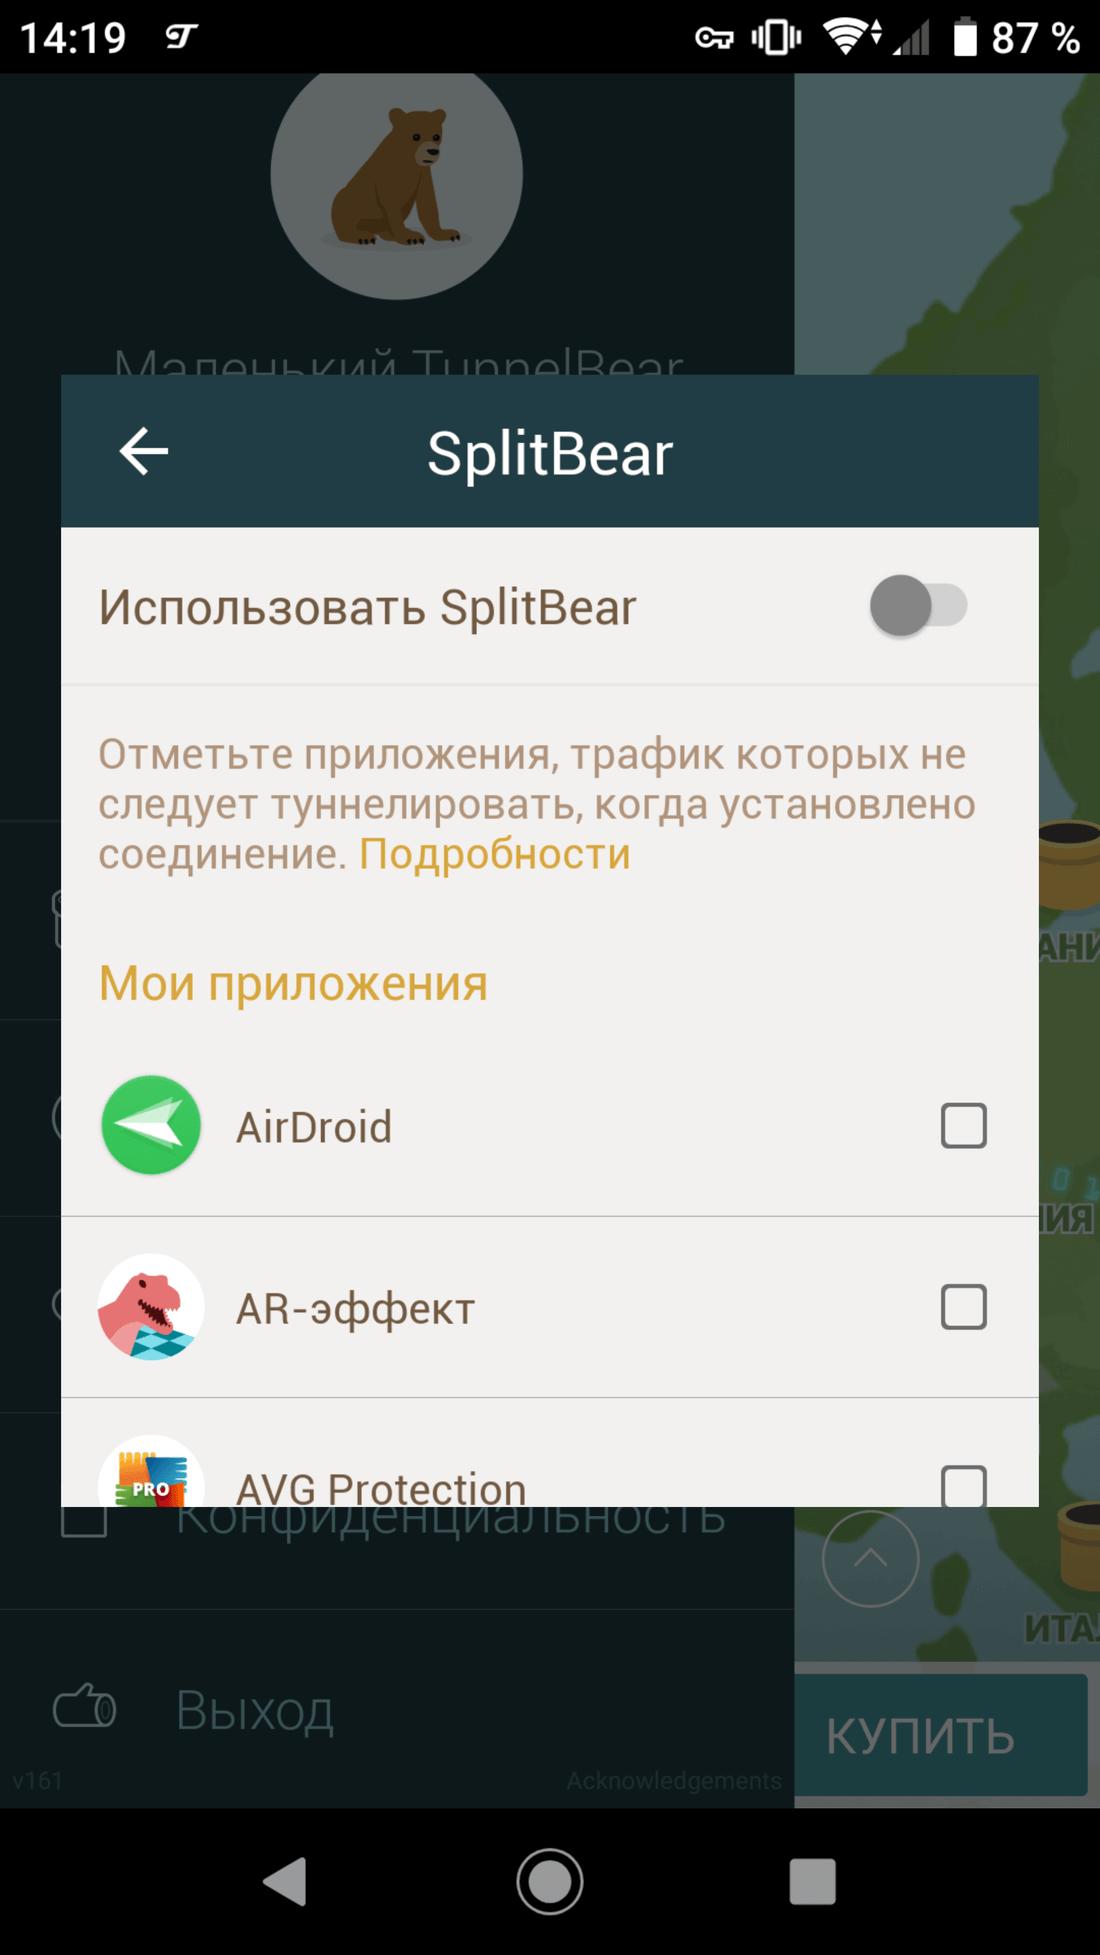 Скриншот #5 из программы TunnelBear VPN